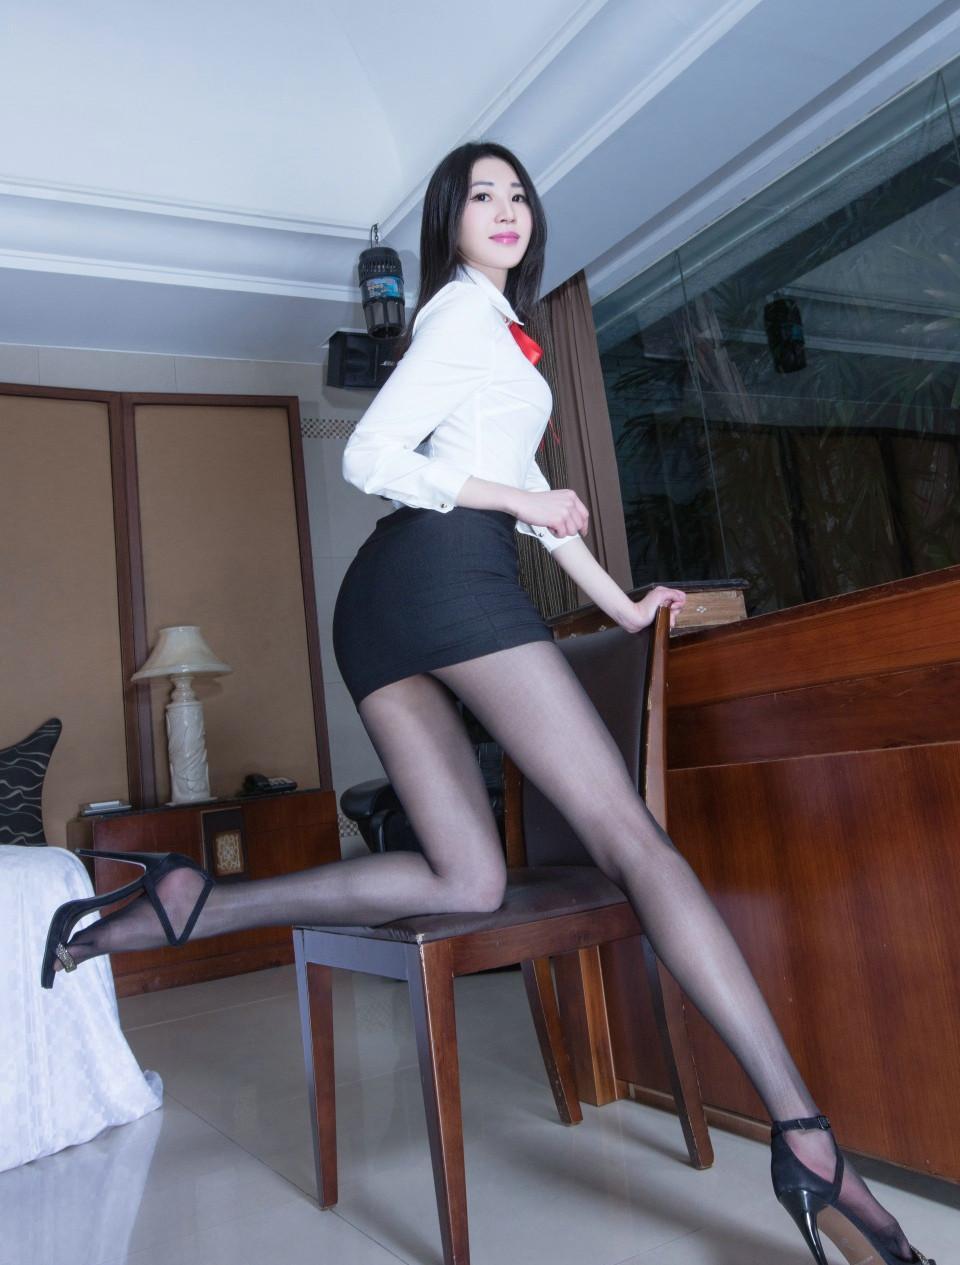 性感美女舞蹈前凸后翘超高制服v舞蹈写真情趣秘书穿情趣跟图片